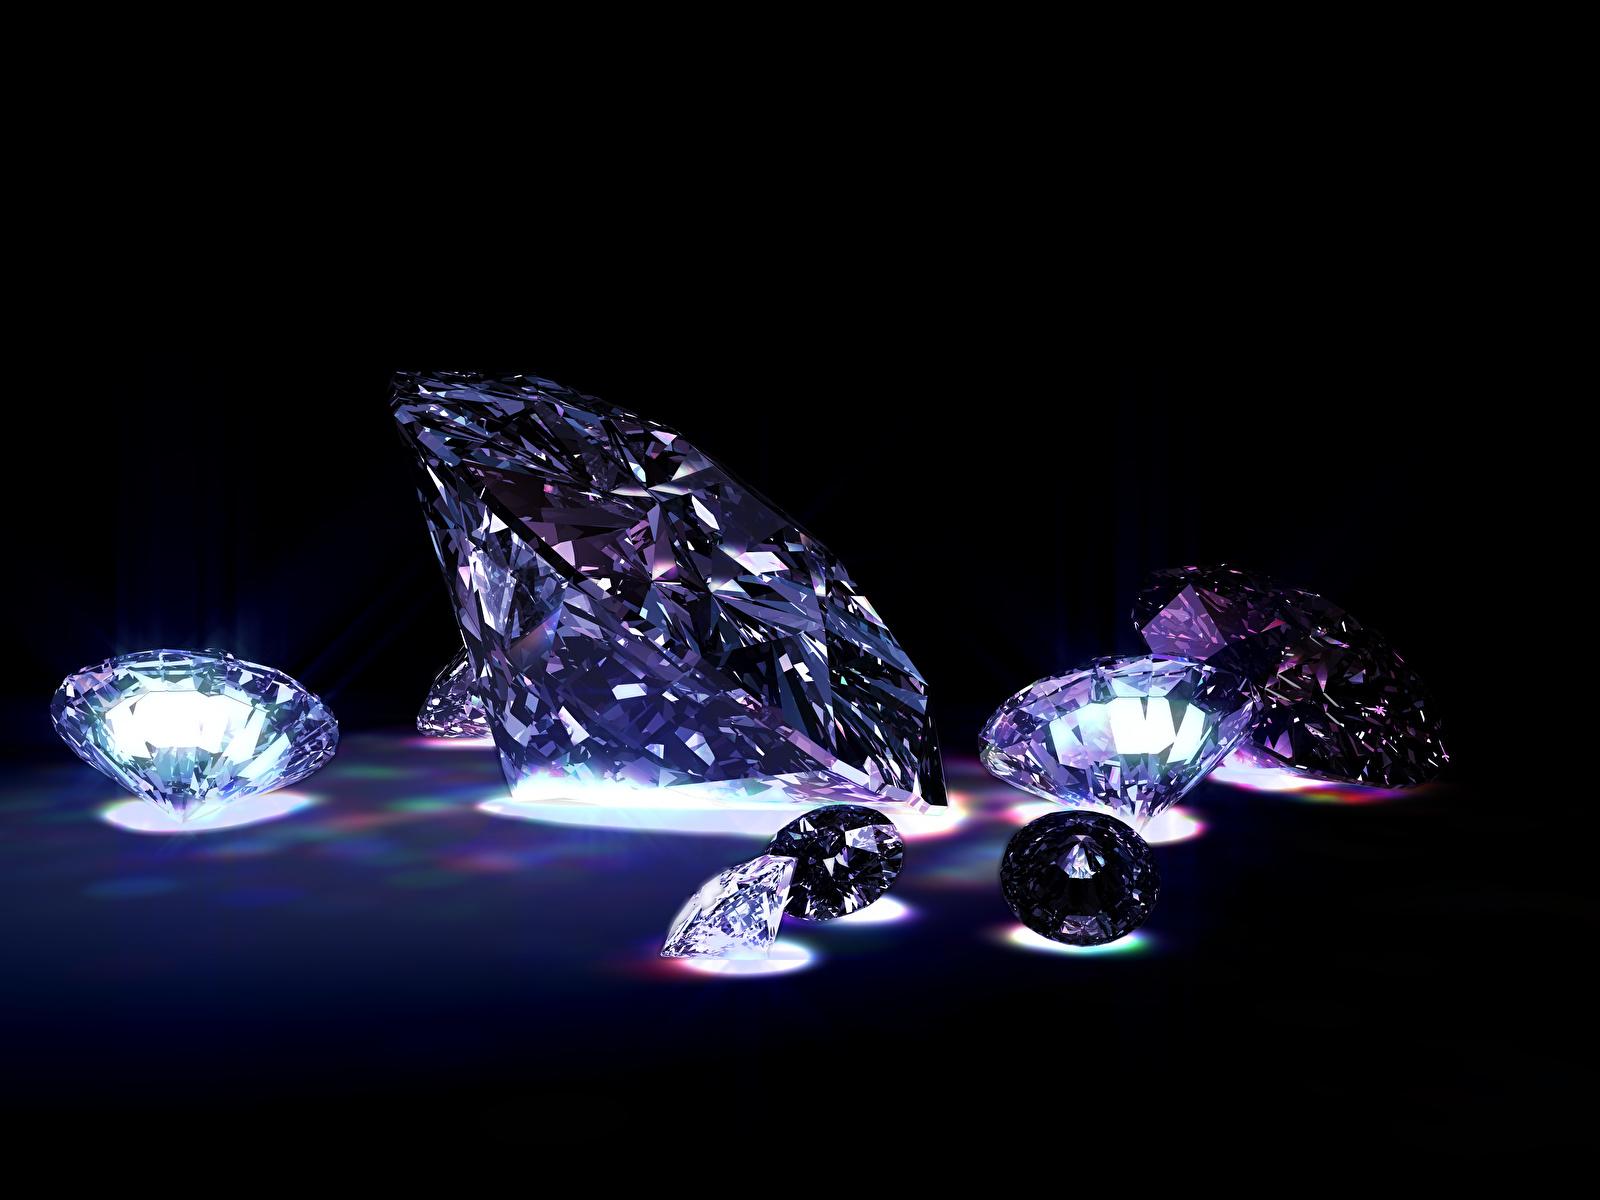 Фотографии Бриллиант на черном фоне 1600x1200 алмаз обработанный Черный фон